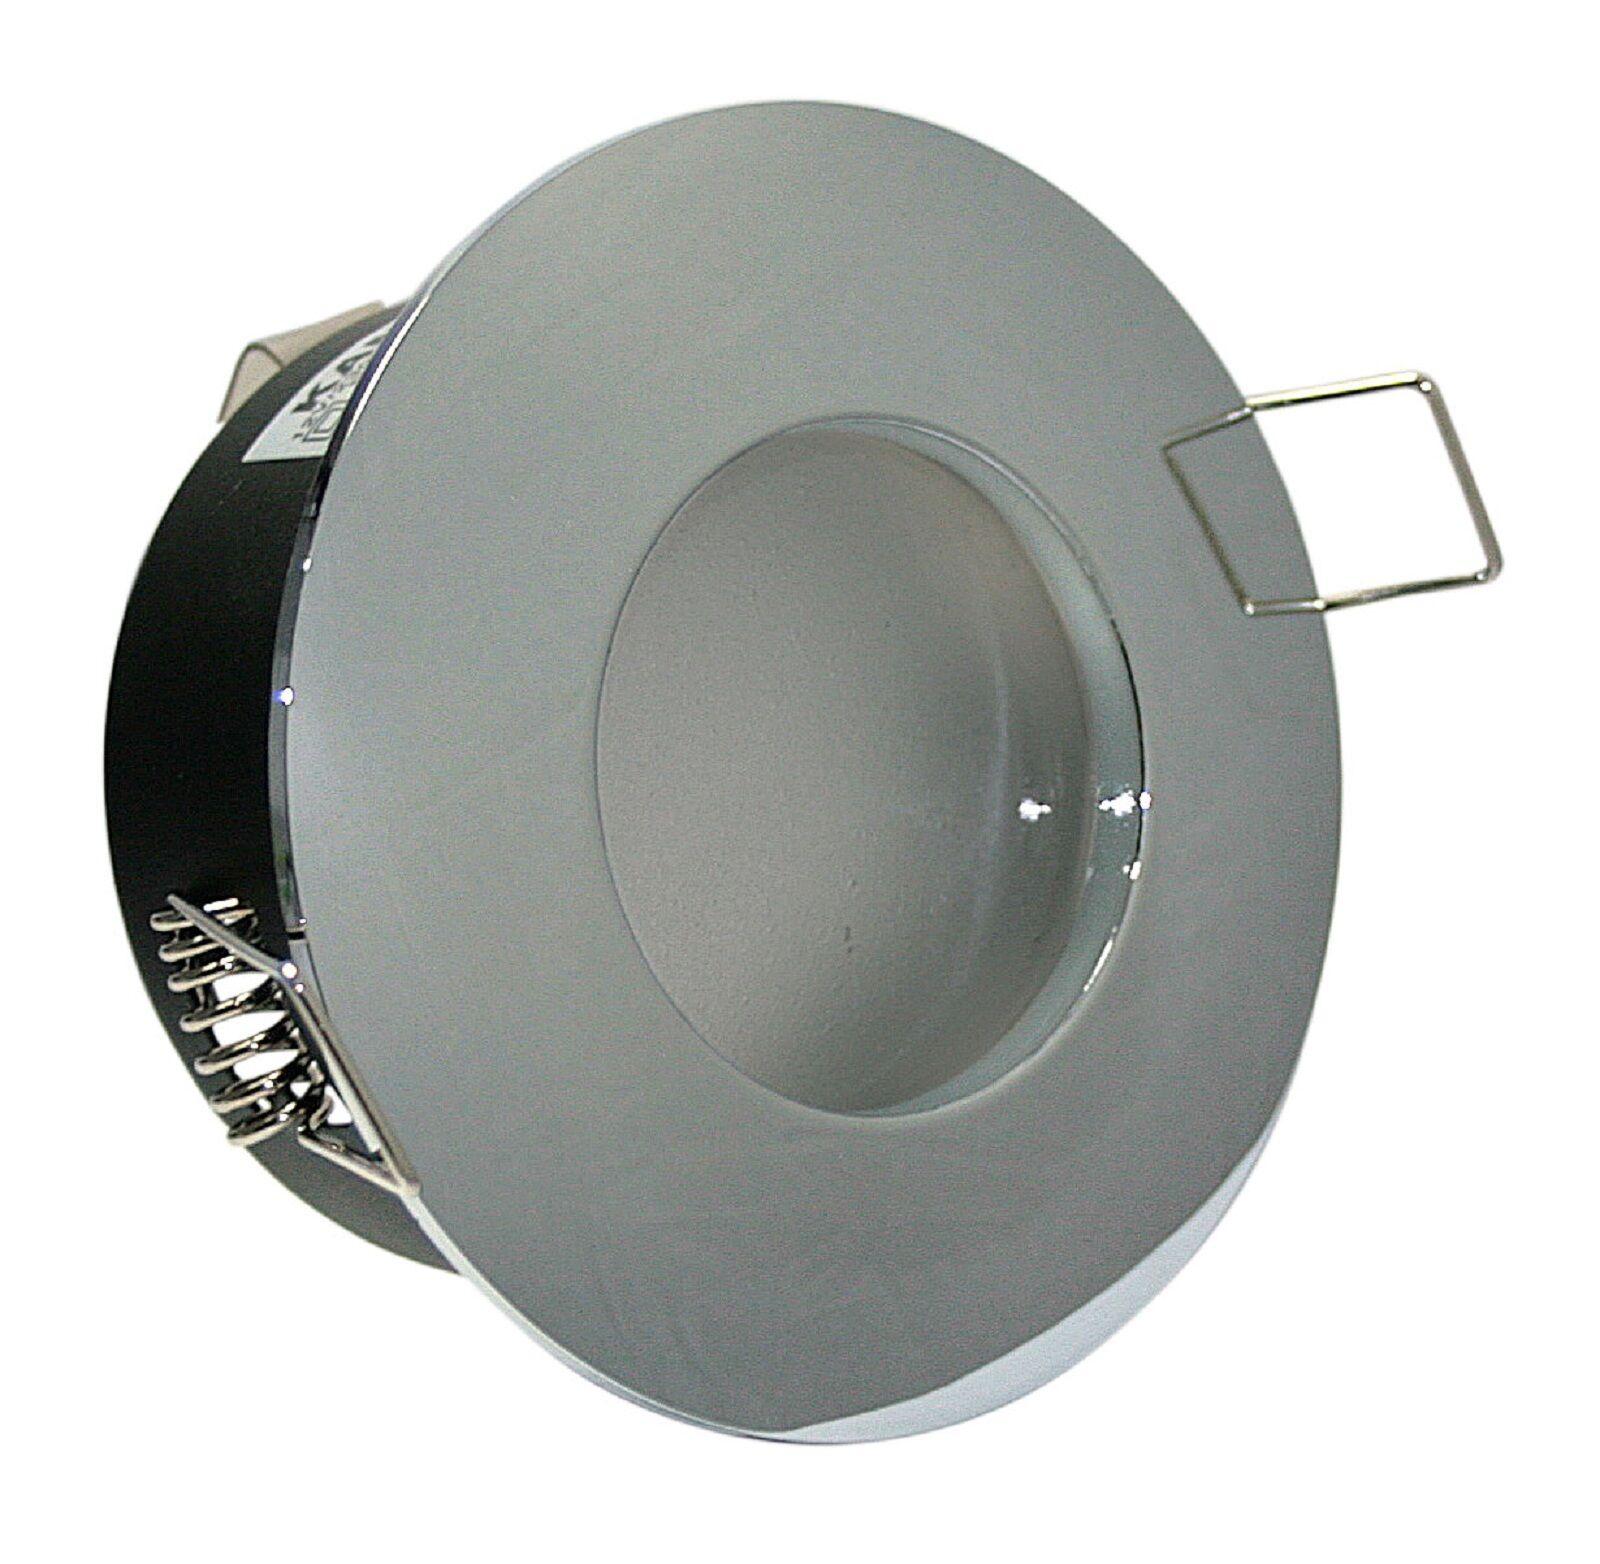 12V LED Bad Dusche Einbaustrahler Feuchtraum IP65 rund inkl 5Watt Power LM MR16